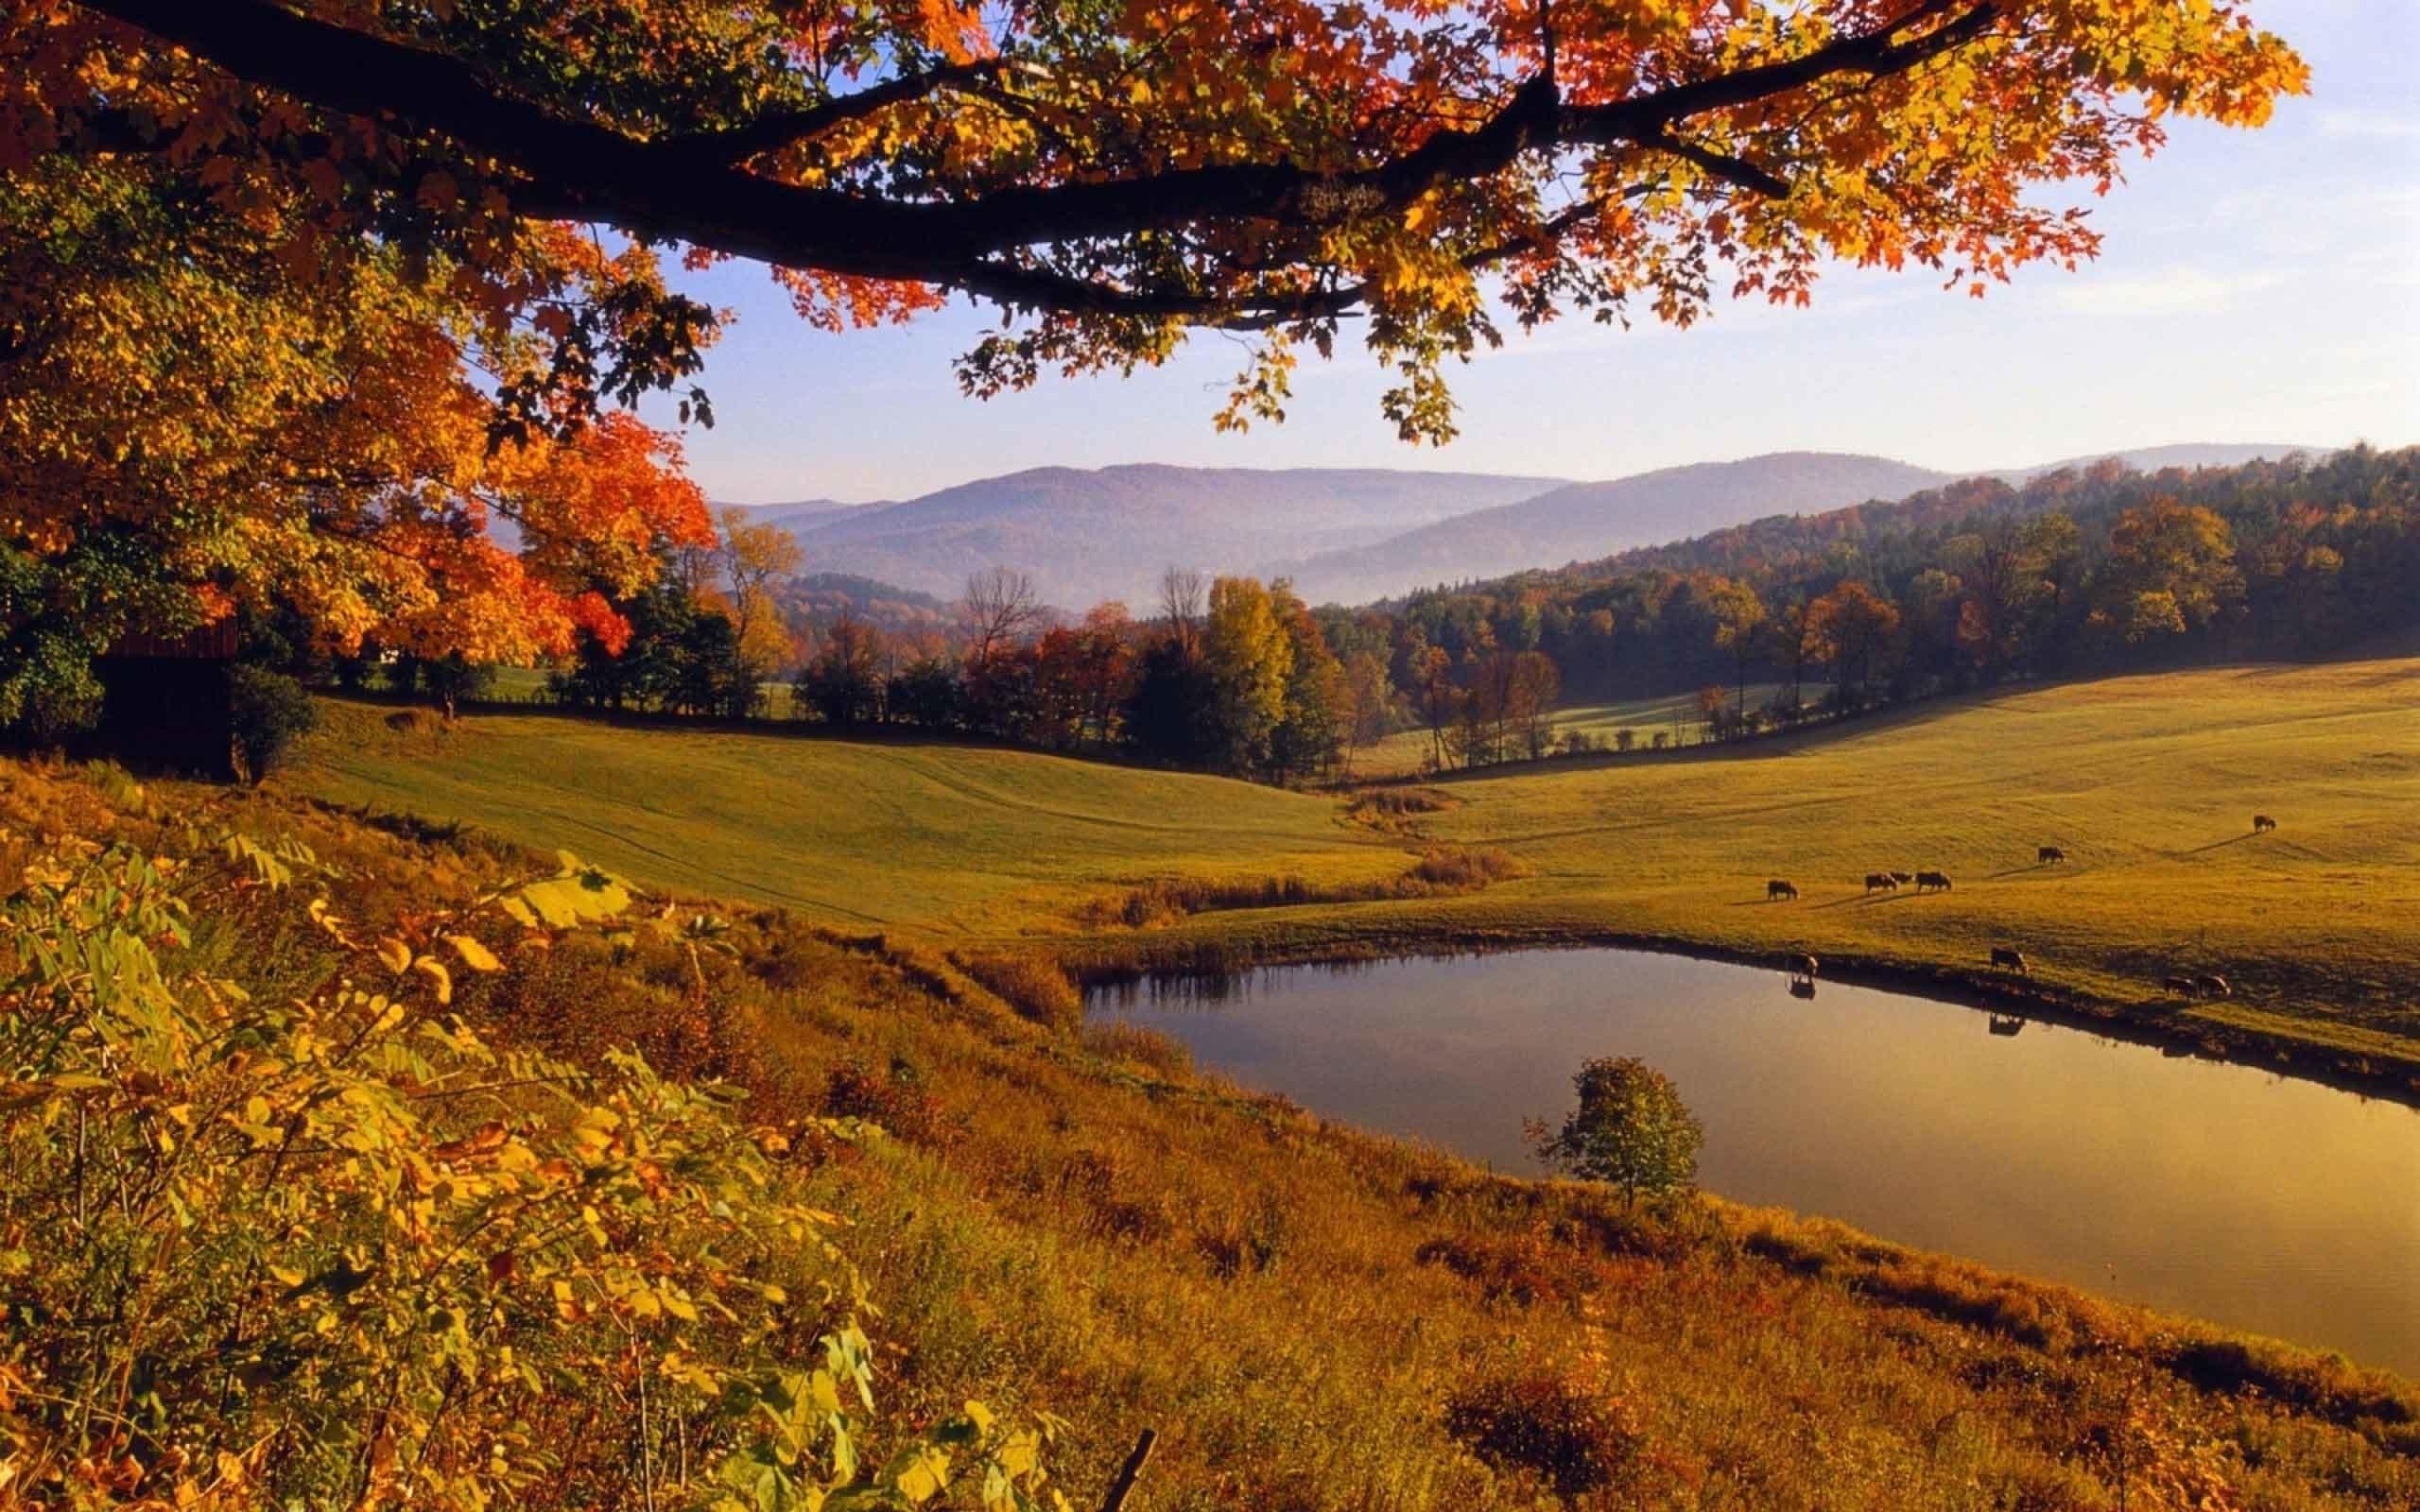 Autumn Landscape Wallpaper 69 Images